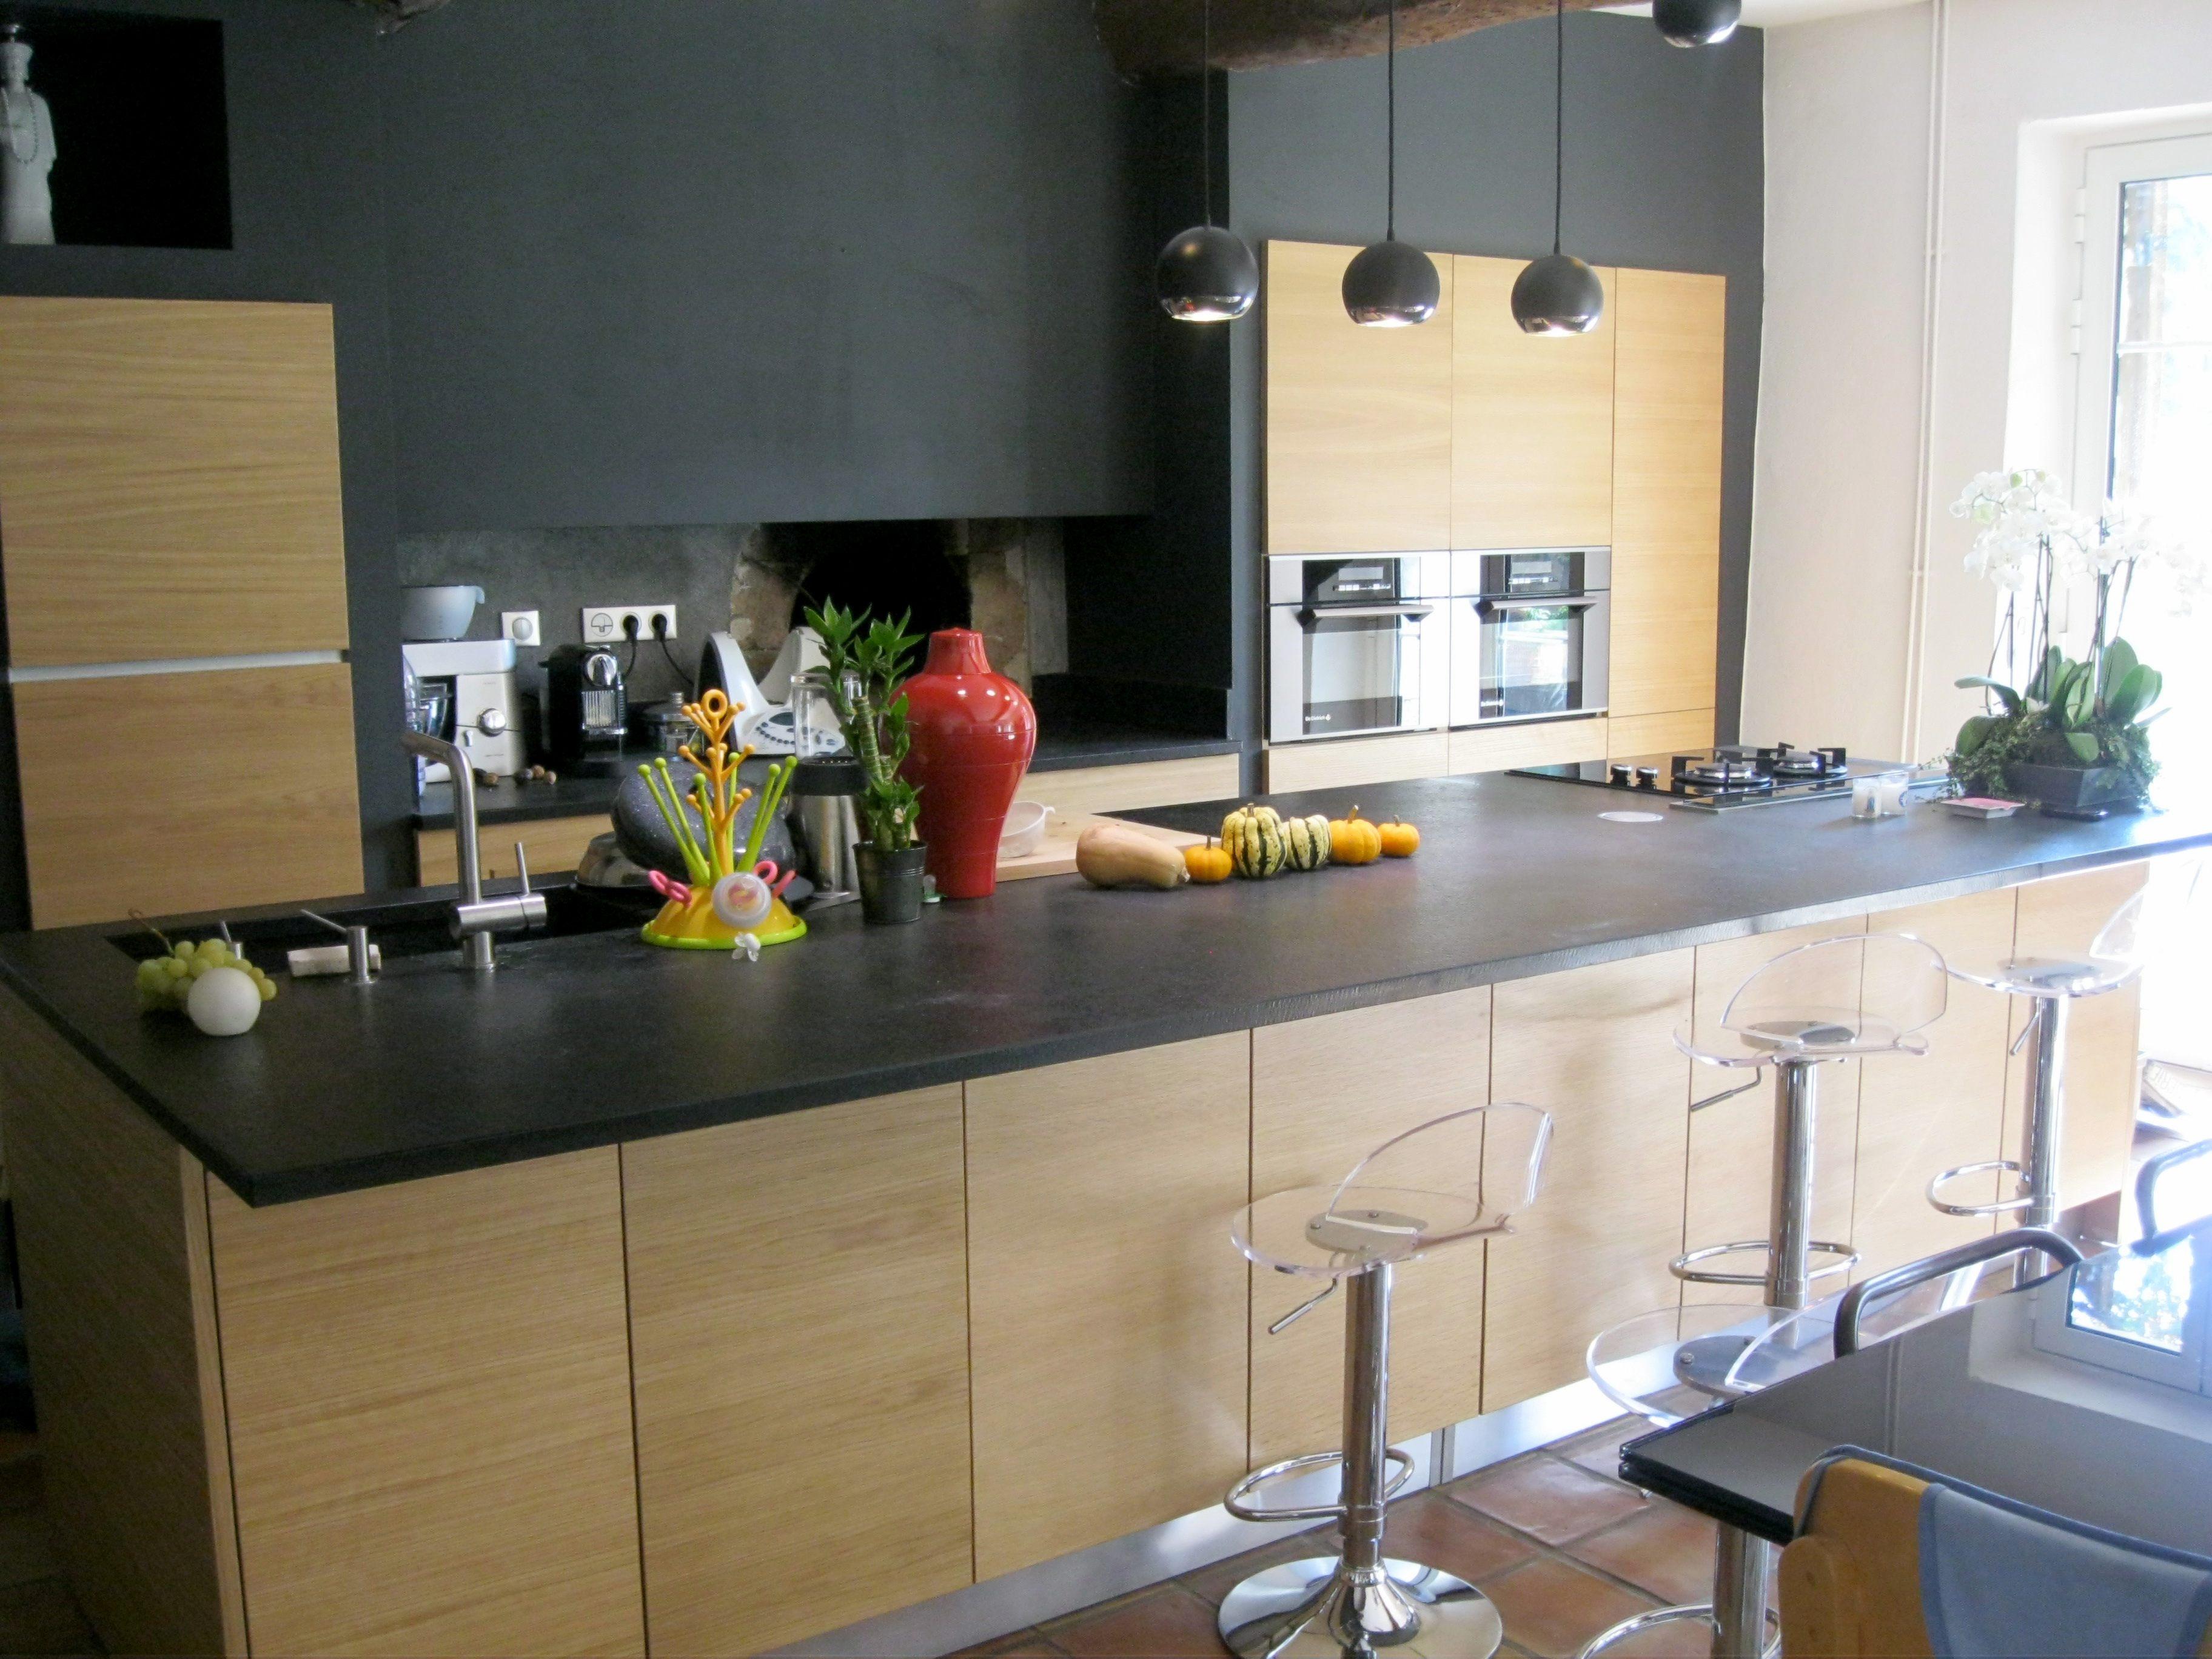 Tout sur la cuisine et le mobilier cuisine - Page 46 sur 190 -